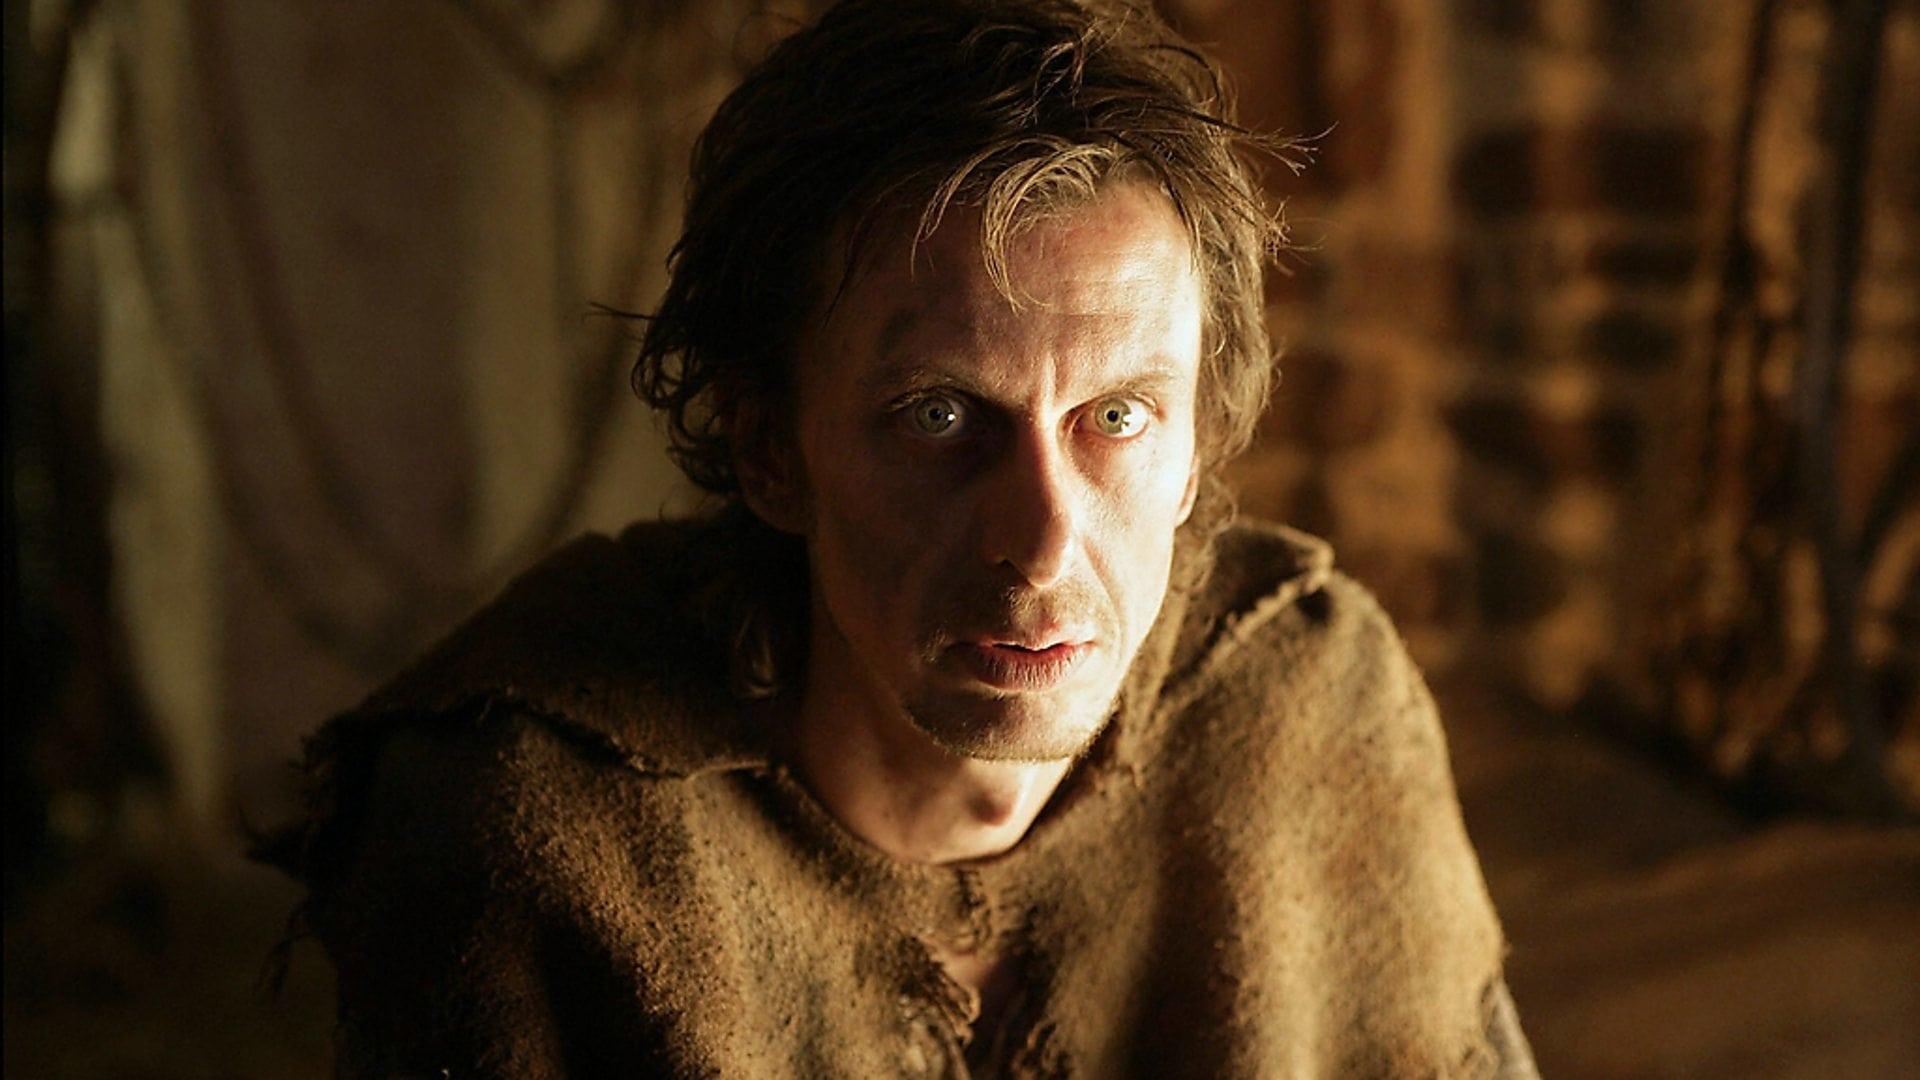 Doctor Who - Season 3 Episode 2 : The Shakespeare Code